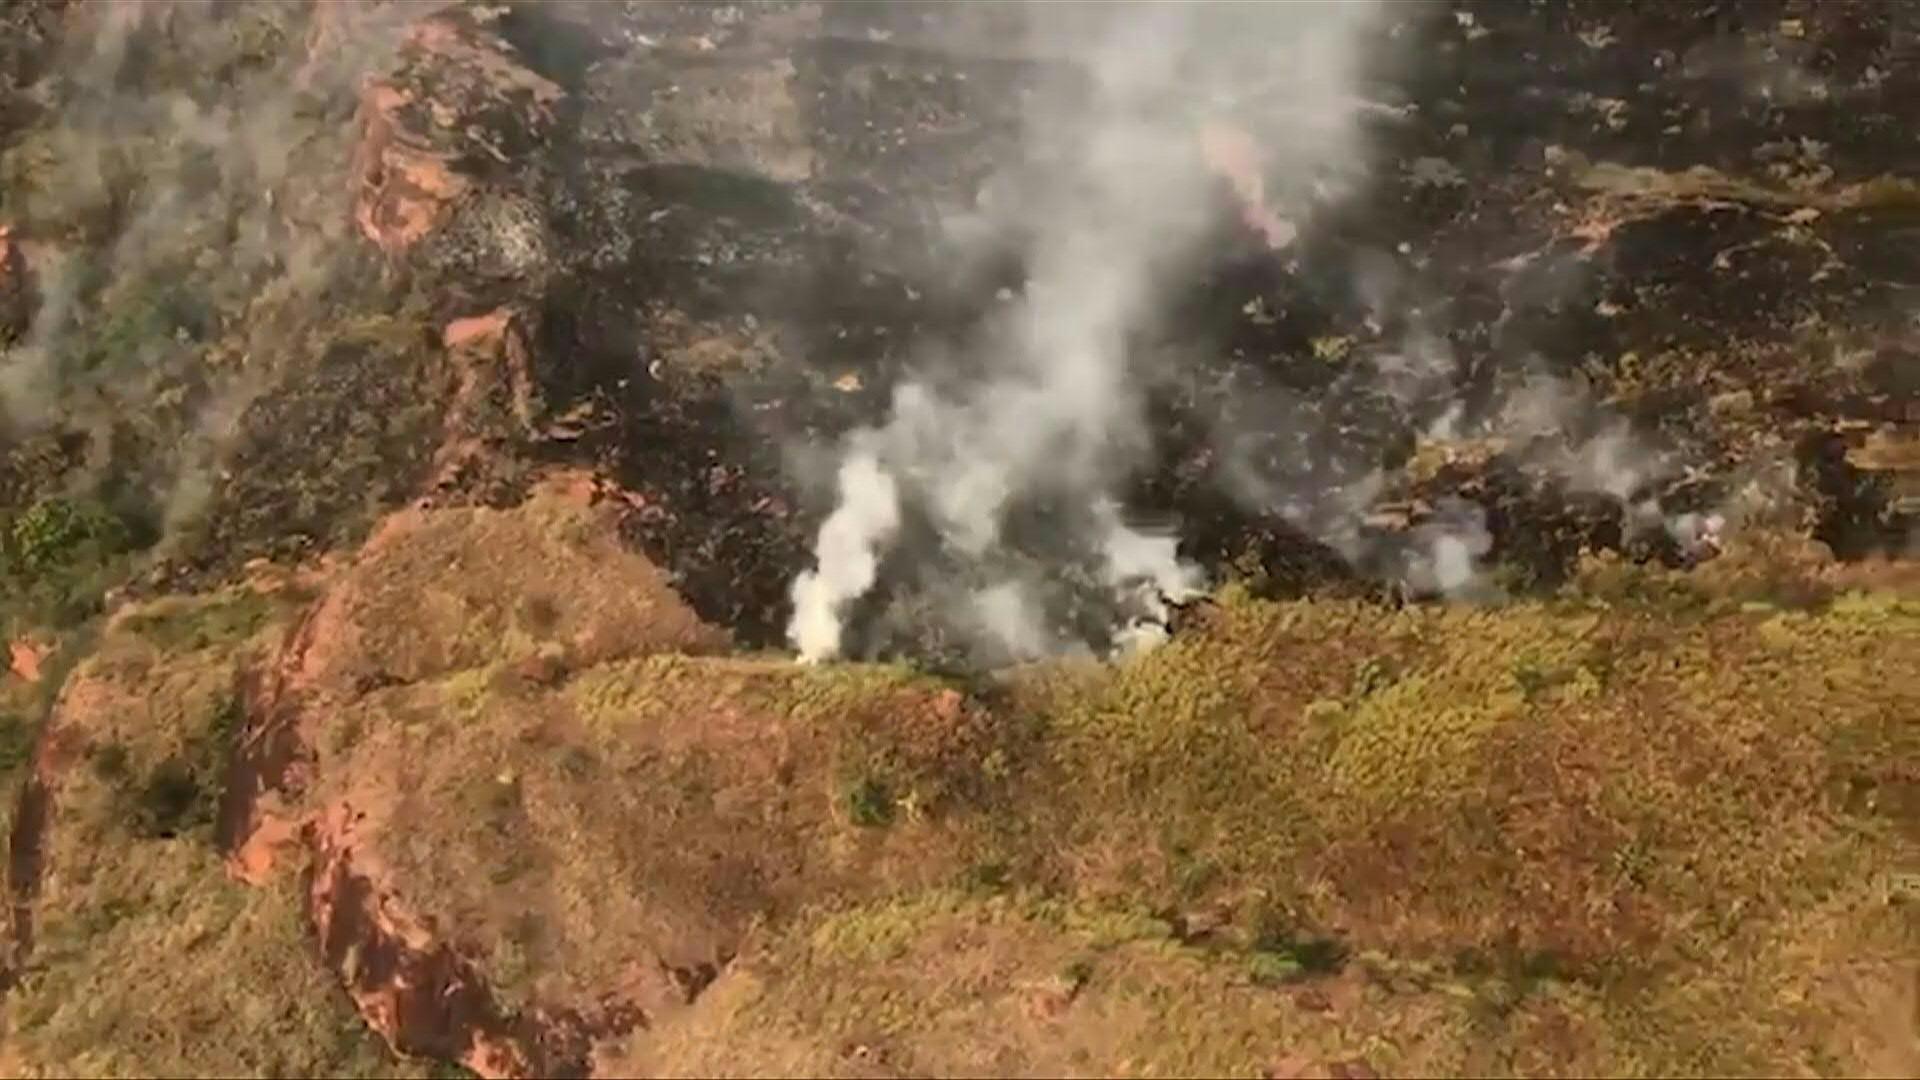 Amazonia-incendio-amazonas-Bolsonaro-Brasil